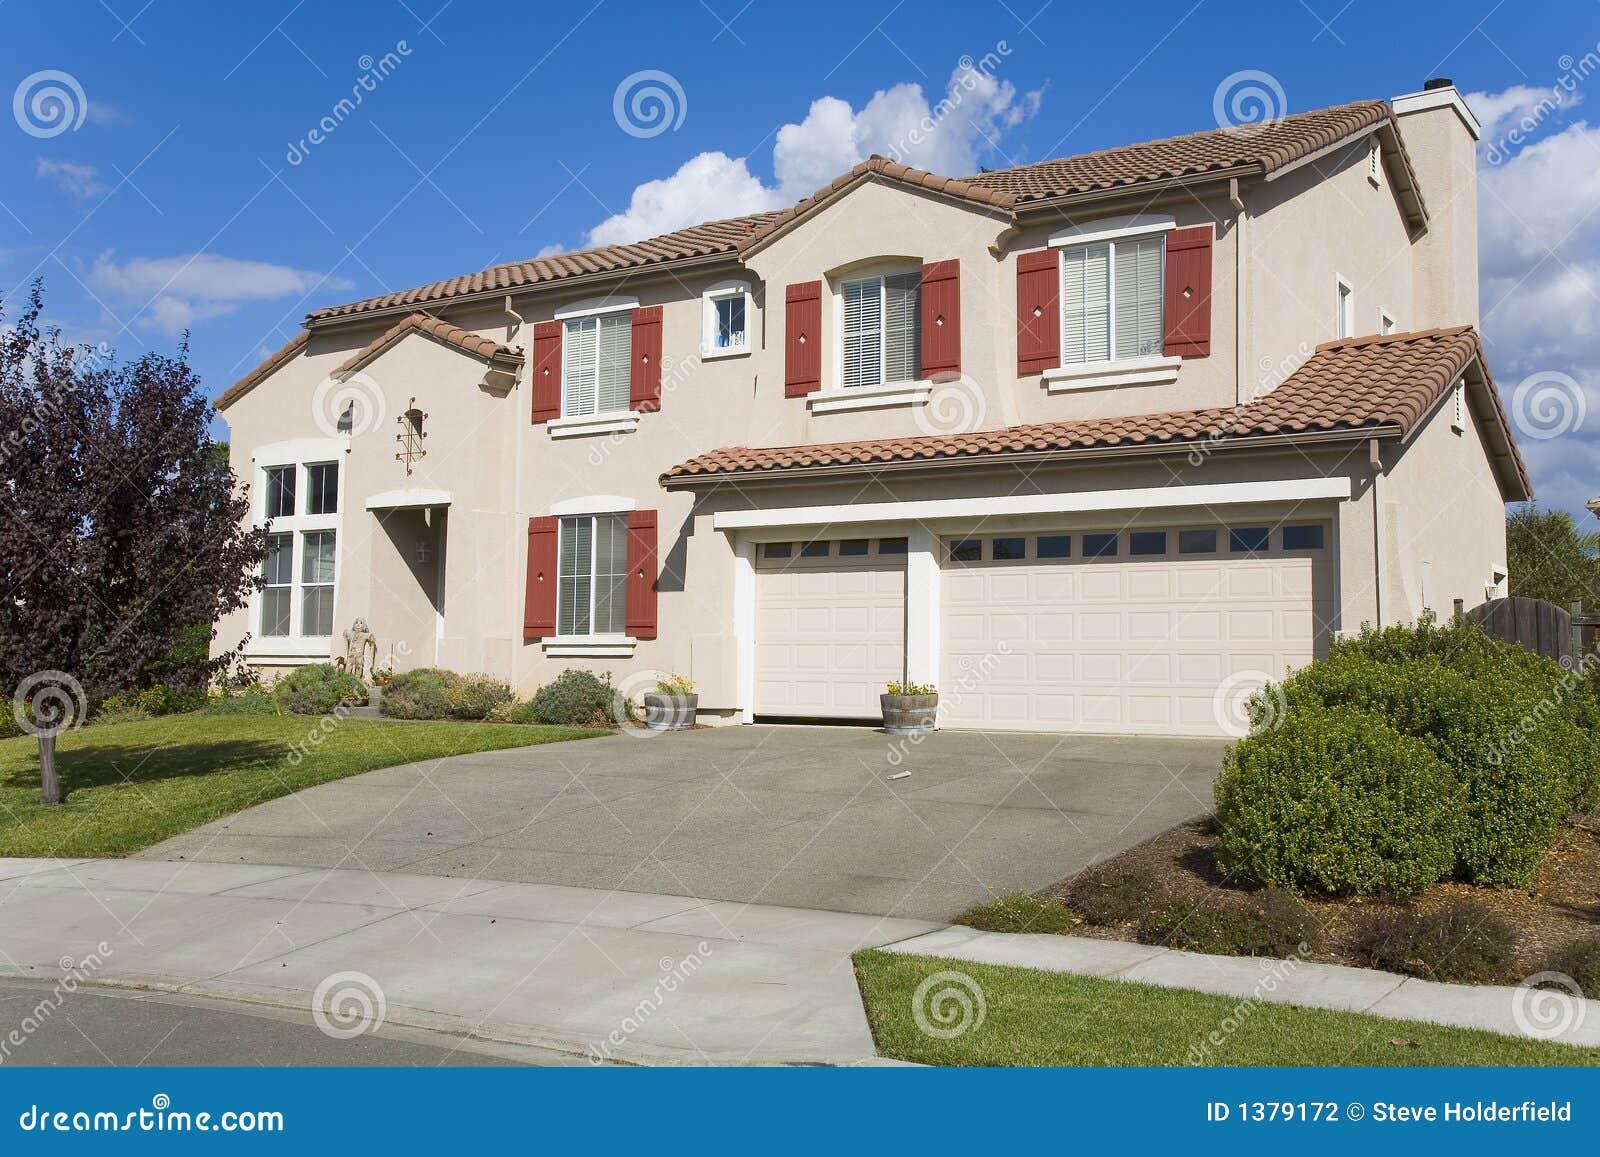 Napa County Ca Custom Home Stock Photography Image 1379172